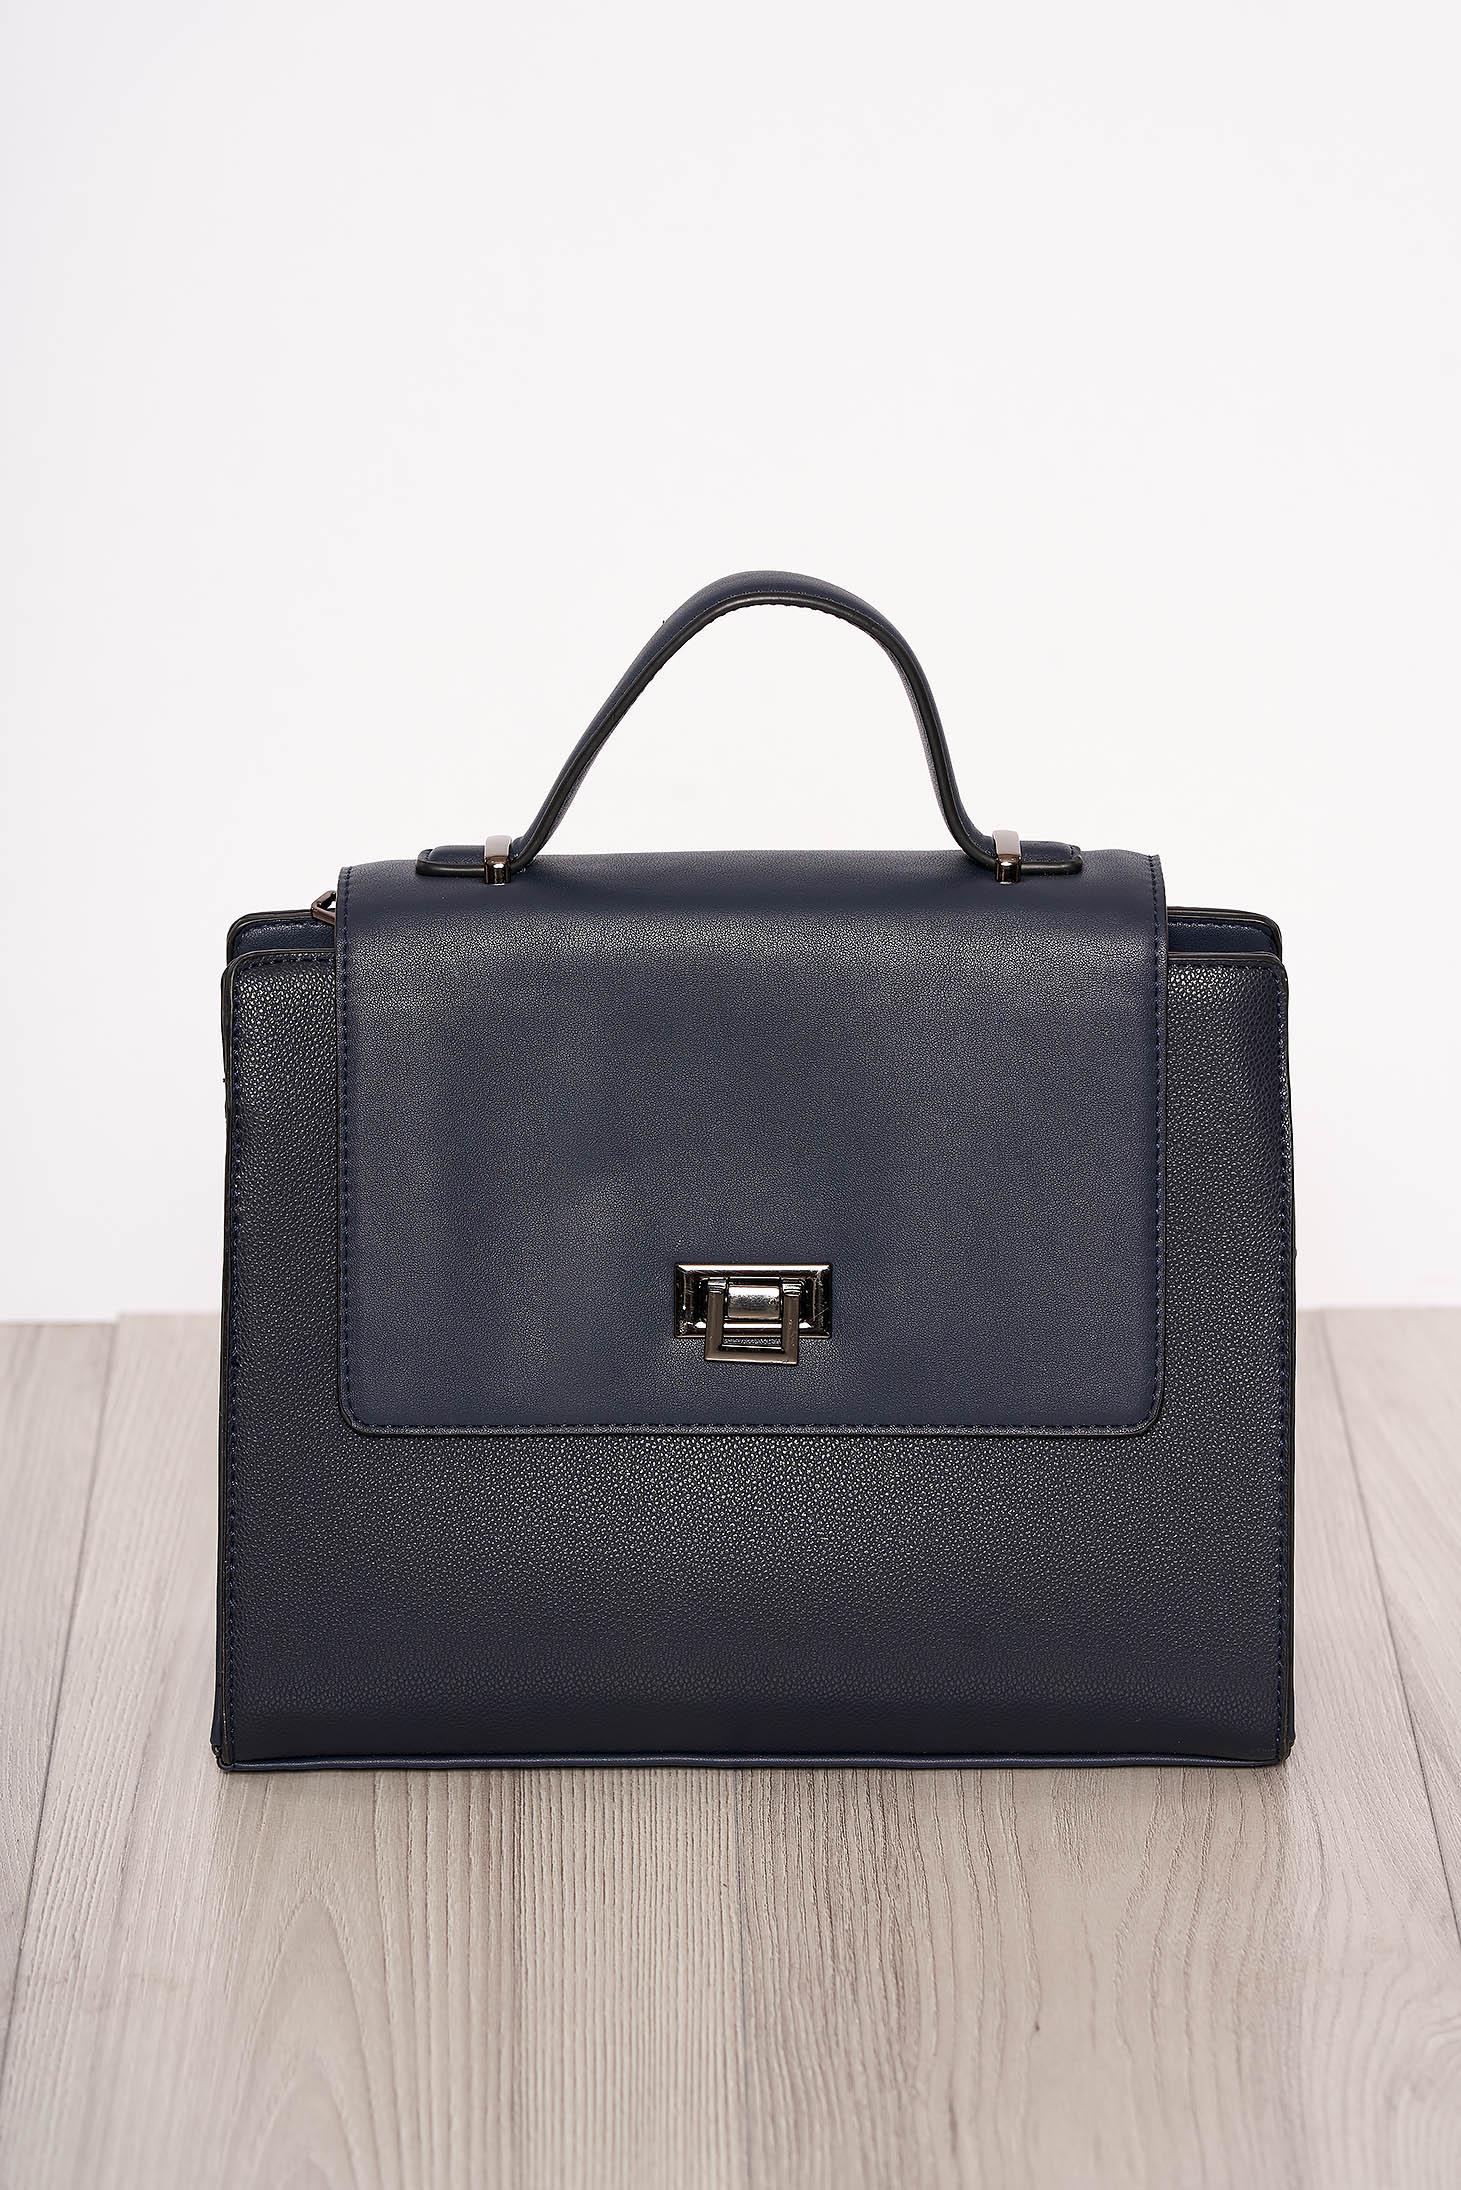 Bag darkblue elegant faux leather short handles